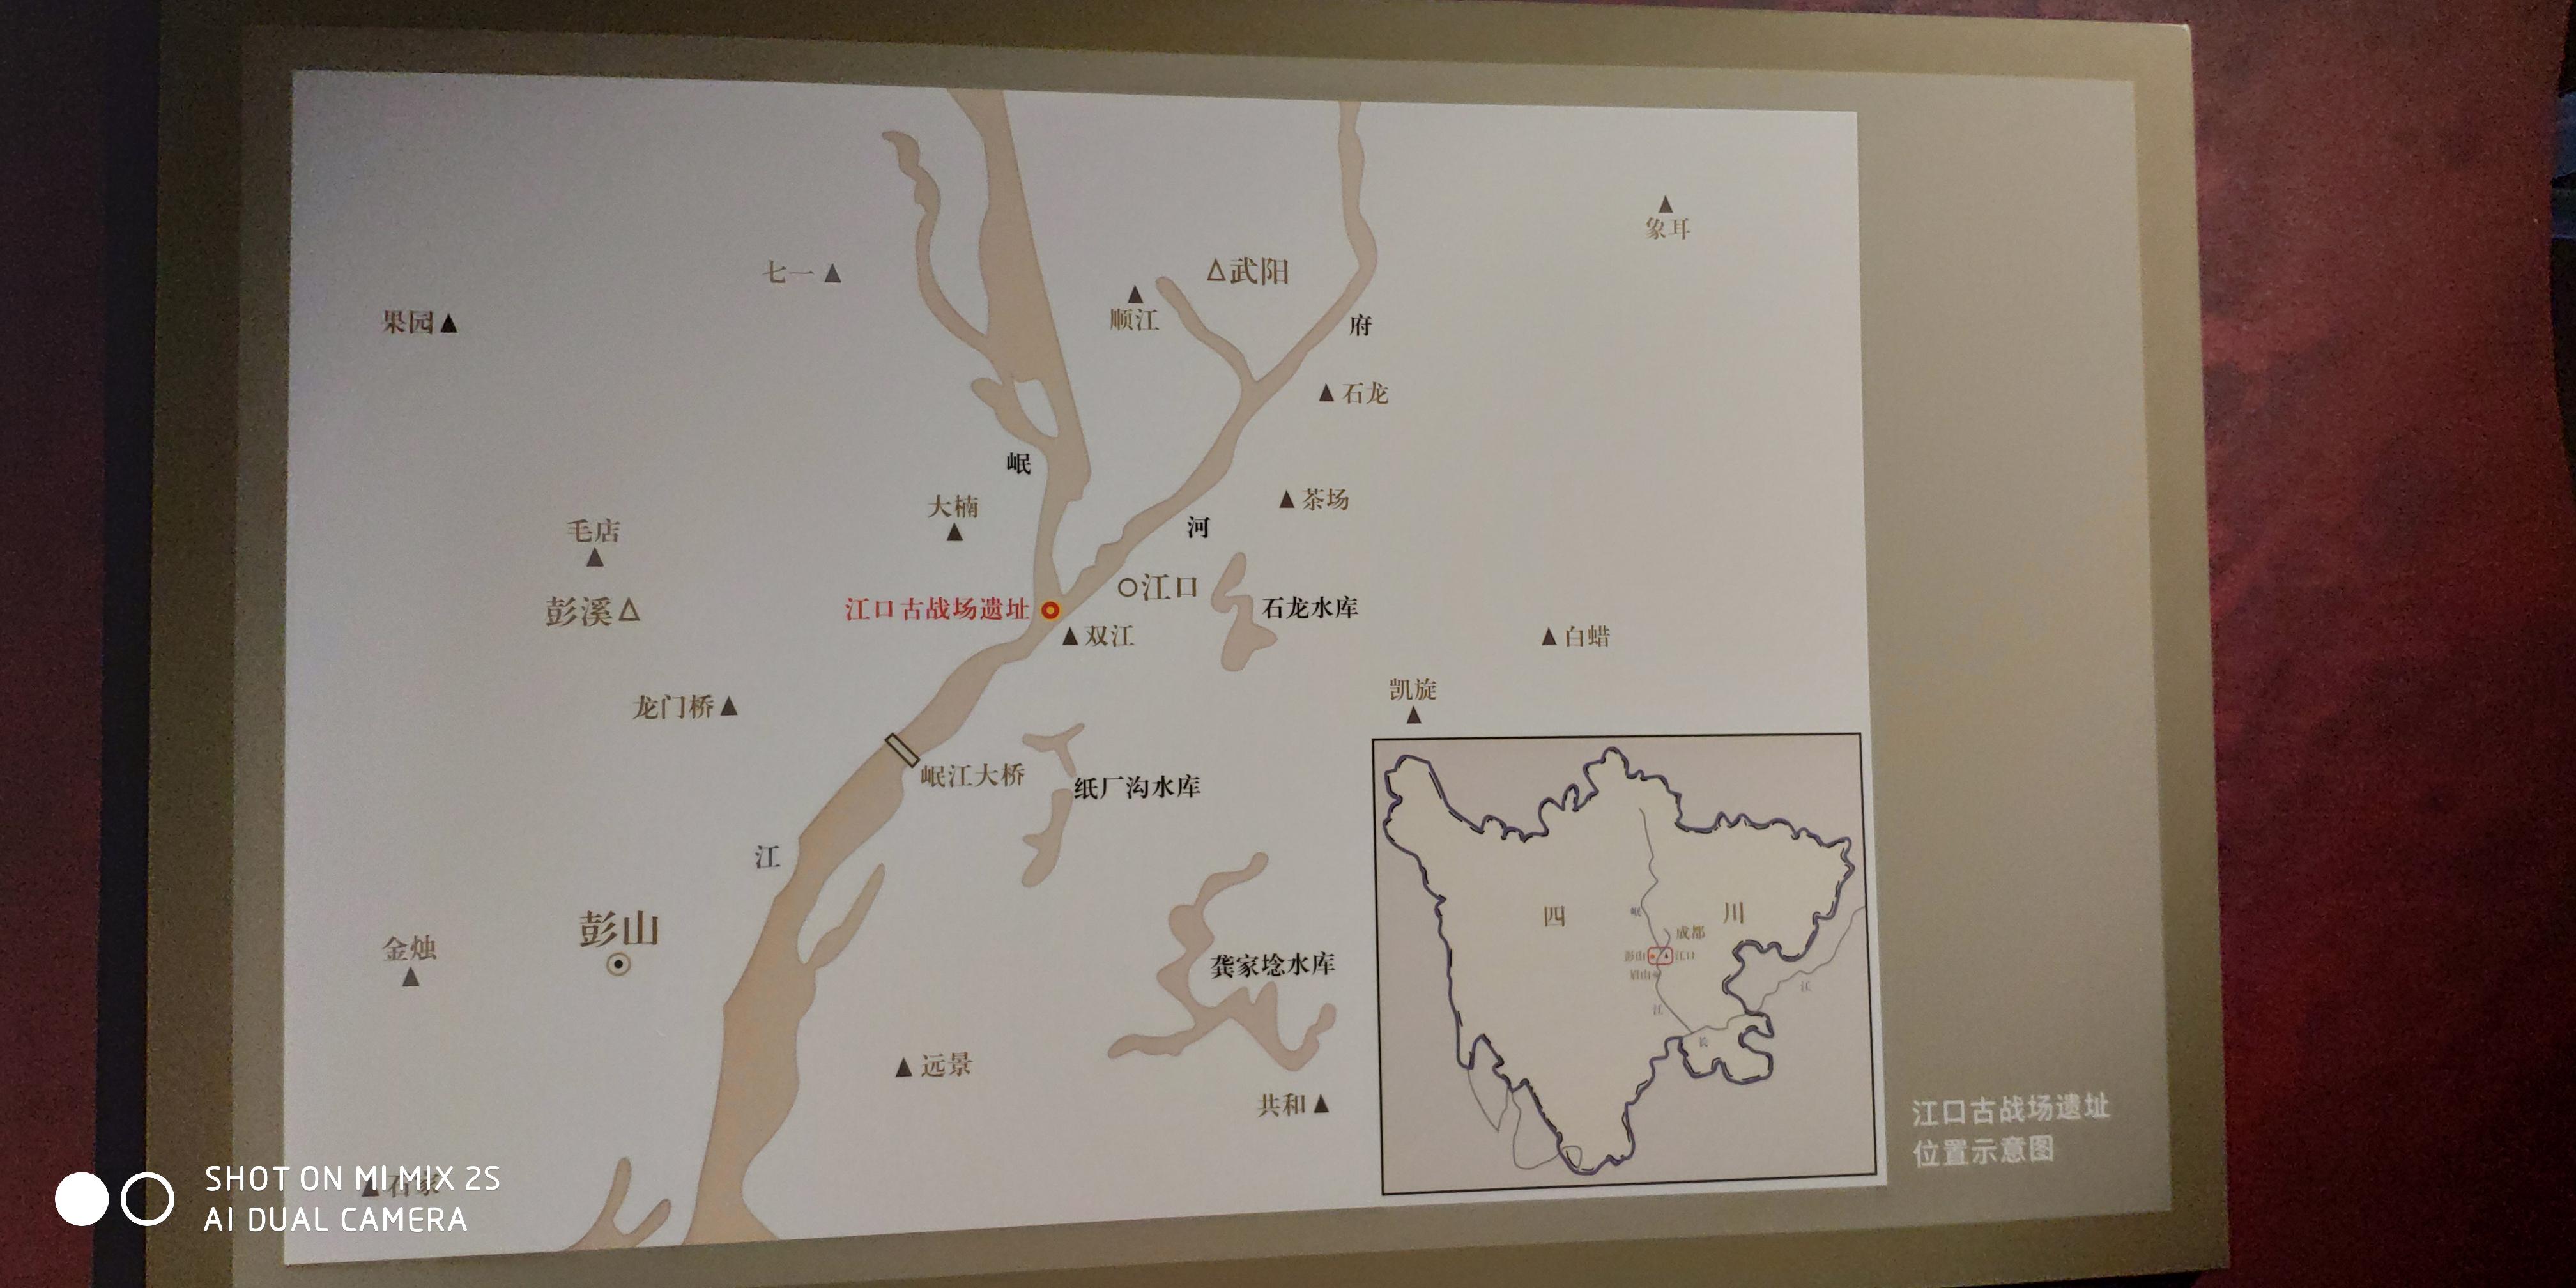 江口古战场位置示意图